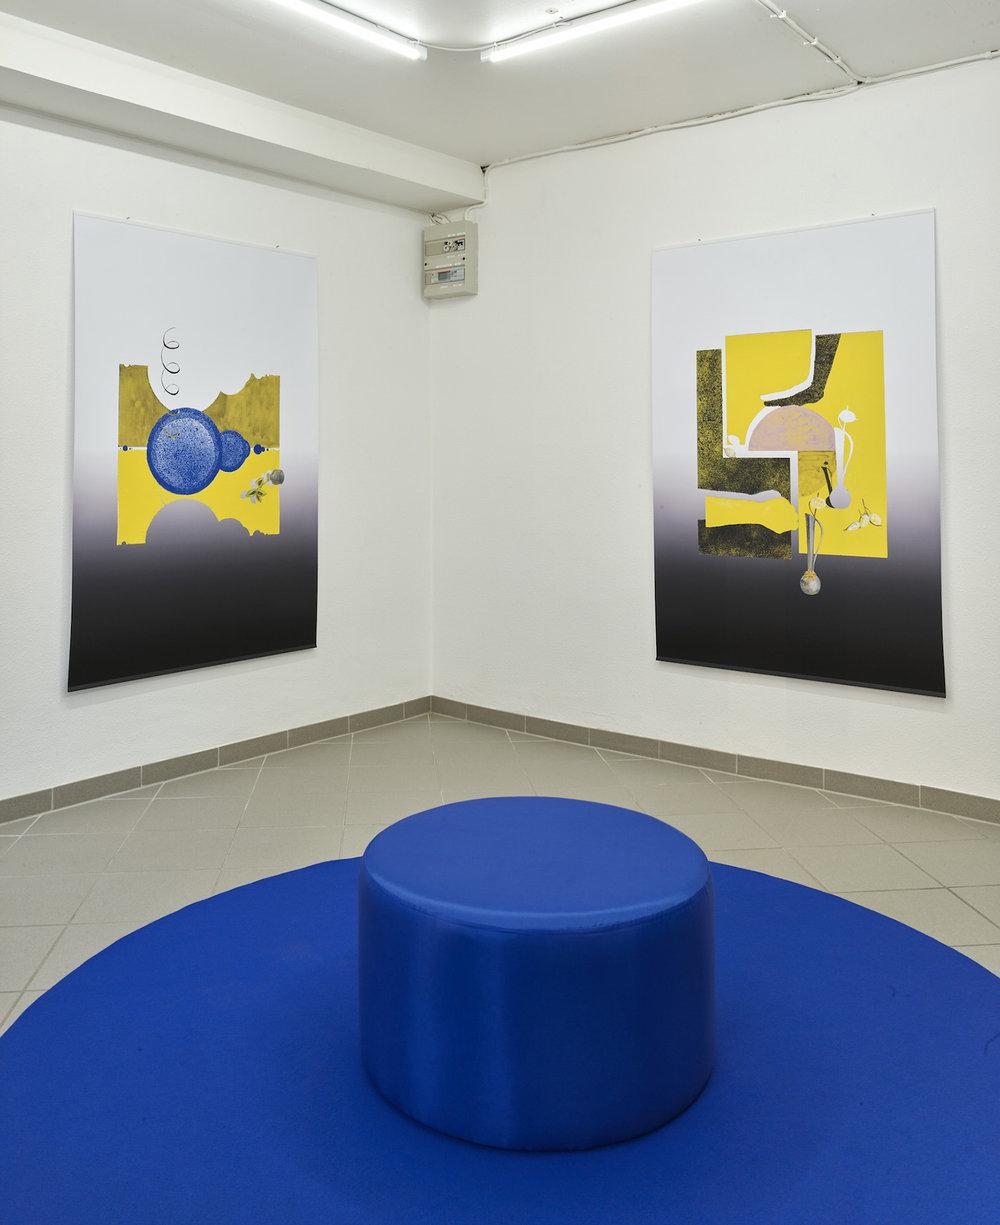 """Sonja Lillebæk Christensen (fra venstre) """"Blå cirkler, Coleus (plante som vender væk fra solen) i glasvase, spiral (666),"""" 2018 og """"En brudt cirkel, en vase, hænder og Judaspenge,"""" 2018. Foto: Kirstine Mengel."""